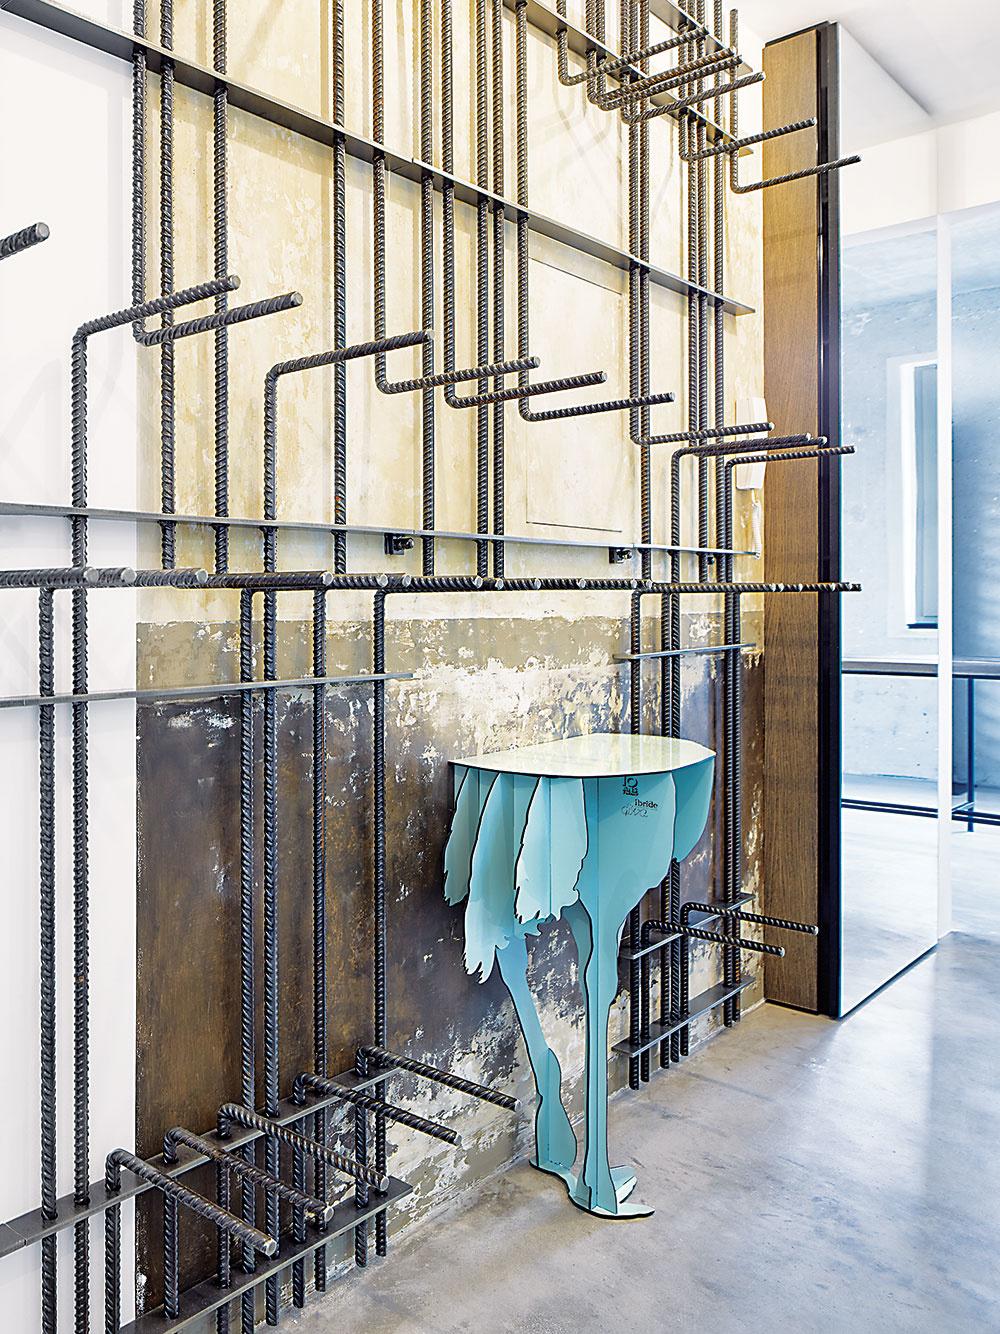 Do bytu sa dá priviezť výťahom – vešiak z betonárskej výstuže a pštrosie torzo sú prvé výrazné prvky, ktoré uvidíte, keď sa otvoria jeho dvere. Stolík v chodbe pochádza z dielne francúzskych dizajnérov Ibride.